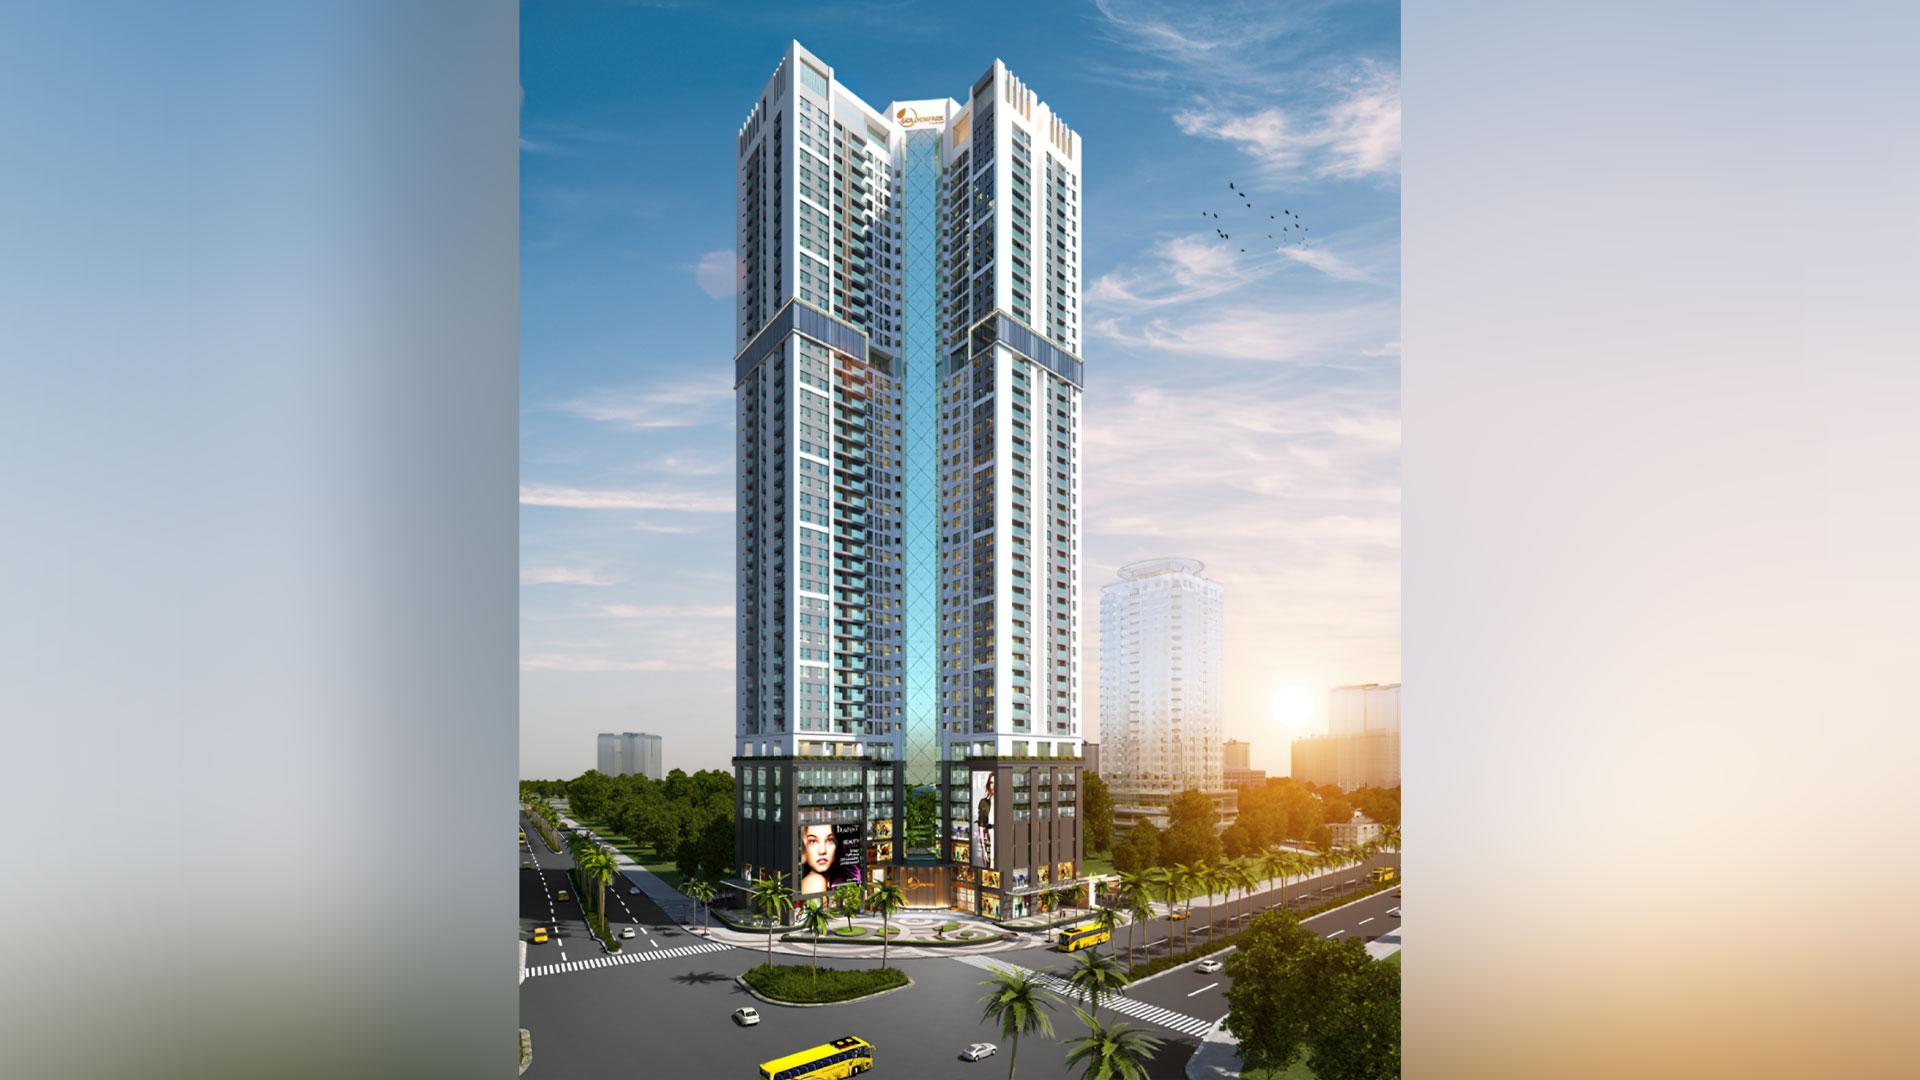 Hình ảnh mới nhất về dự án Golden Park Tower 2